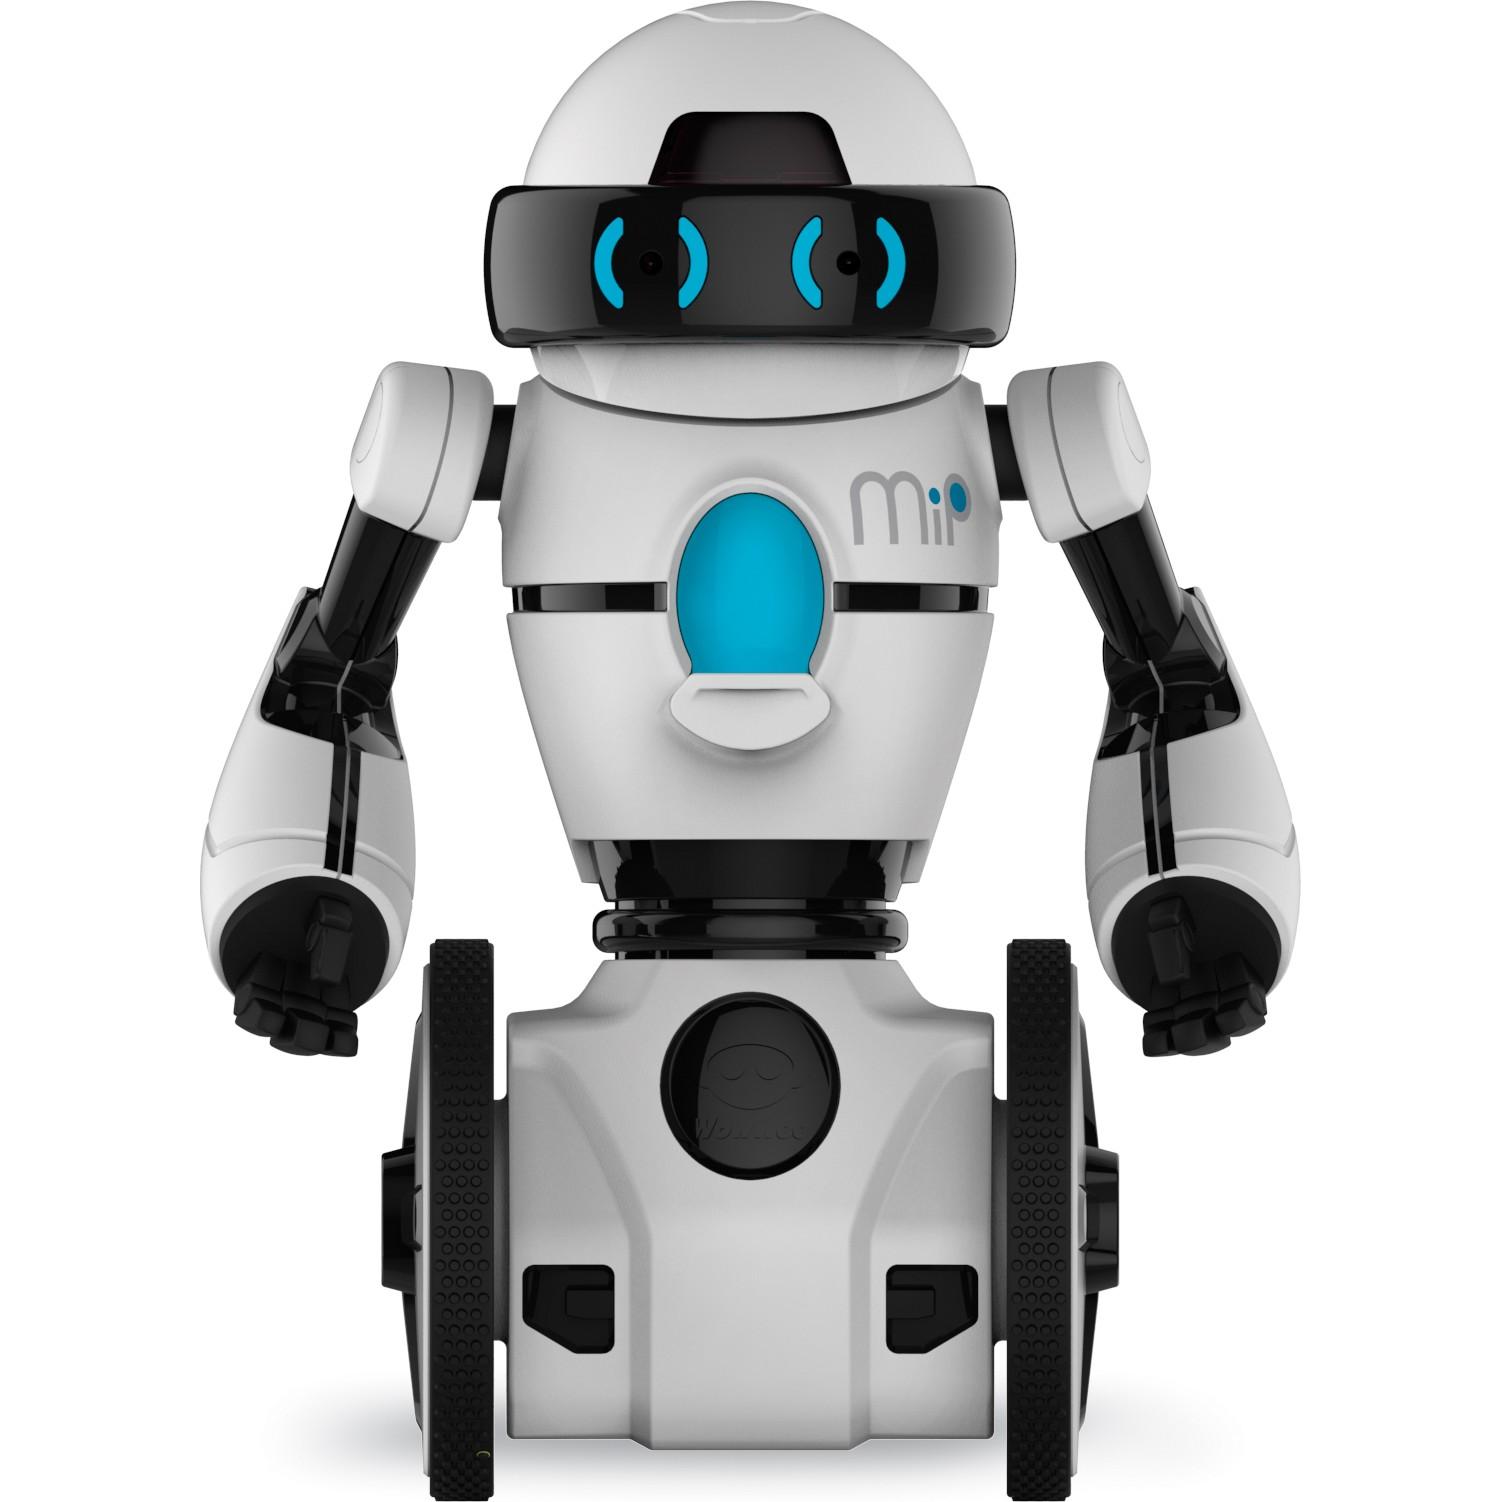 Robot jouet mip blanc de wowwee - Robot pour raper les carottes ...